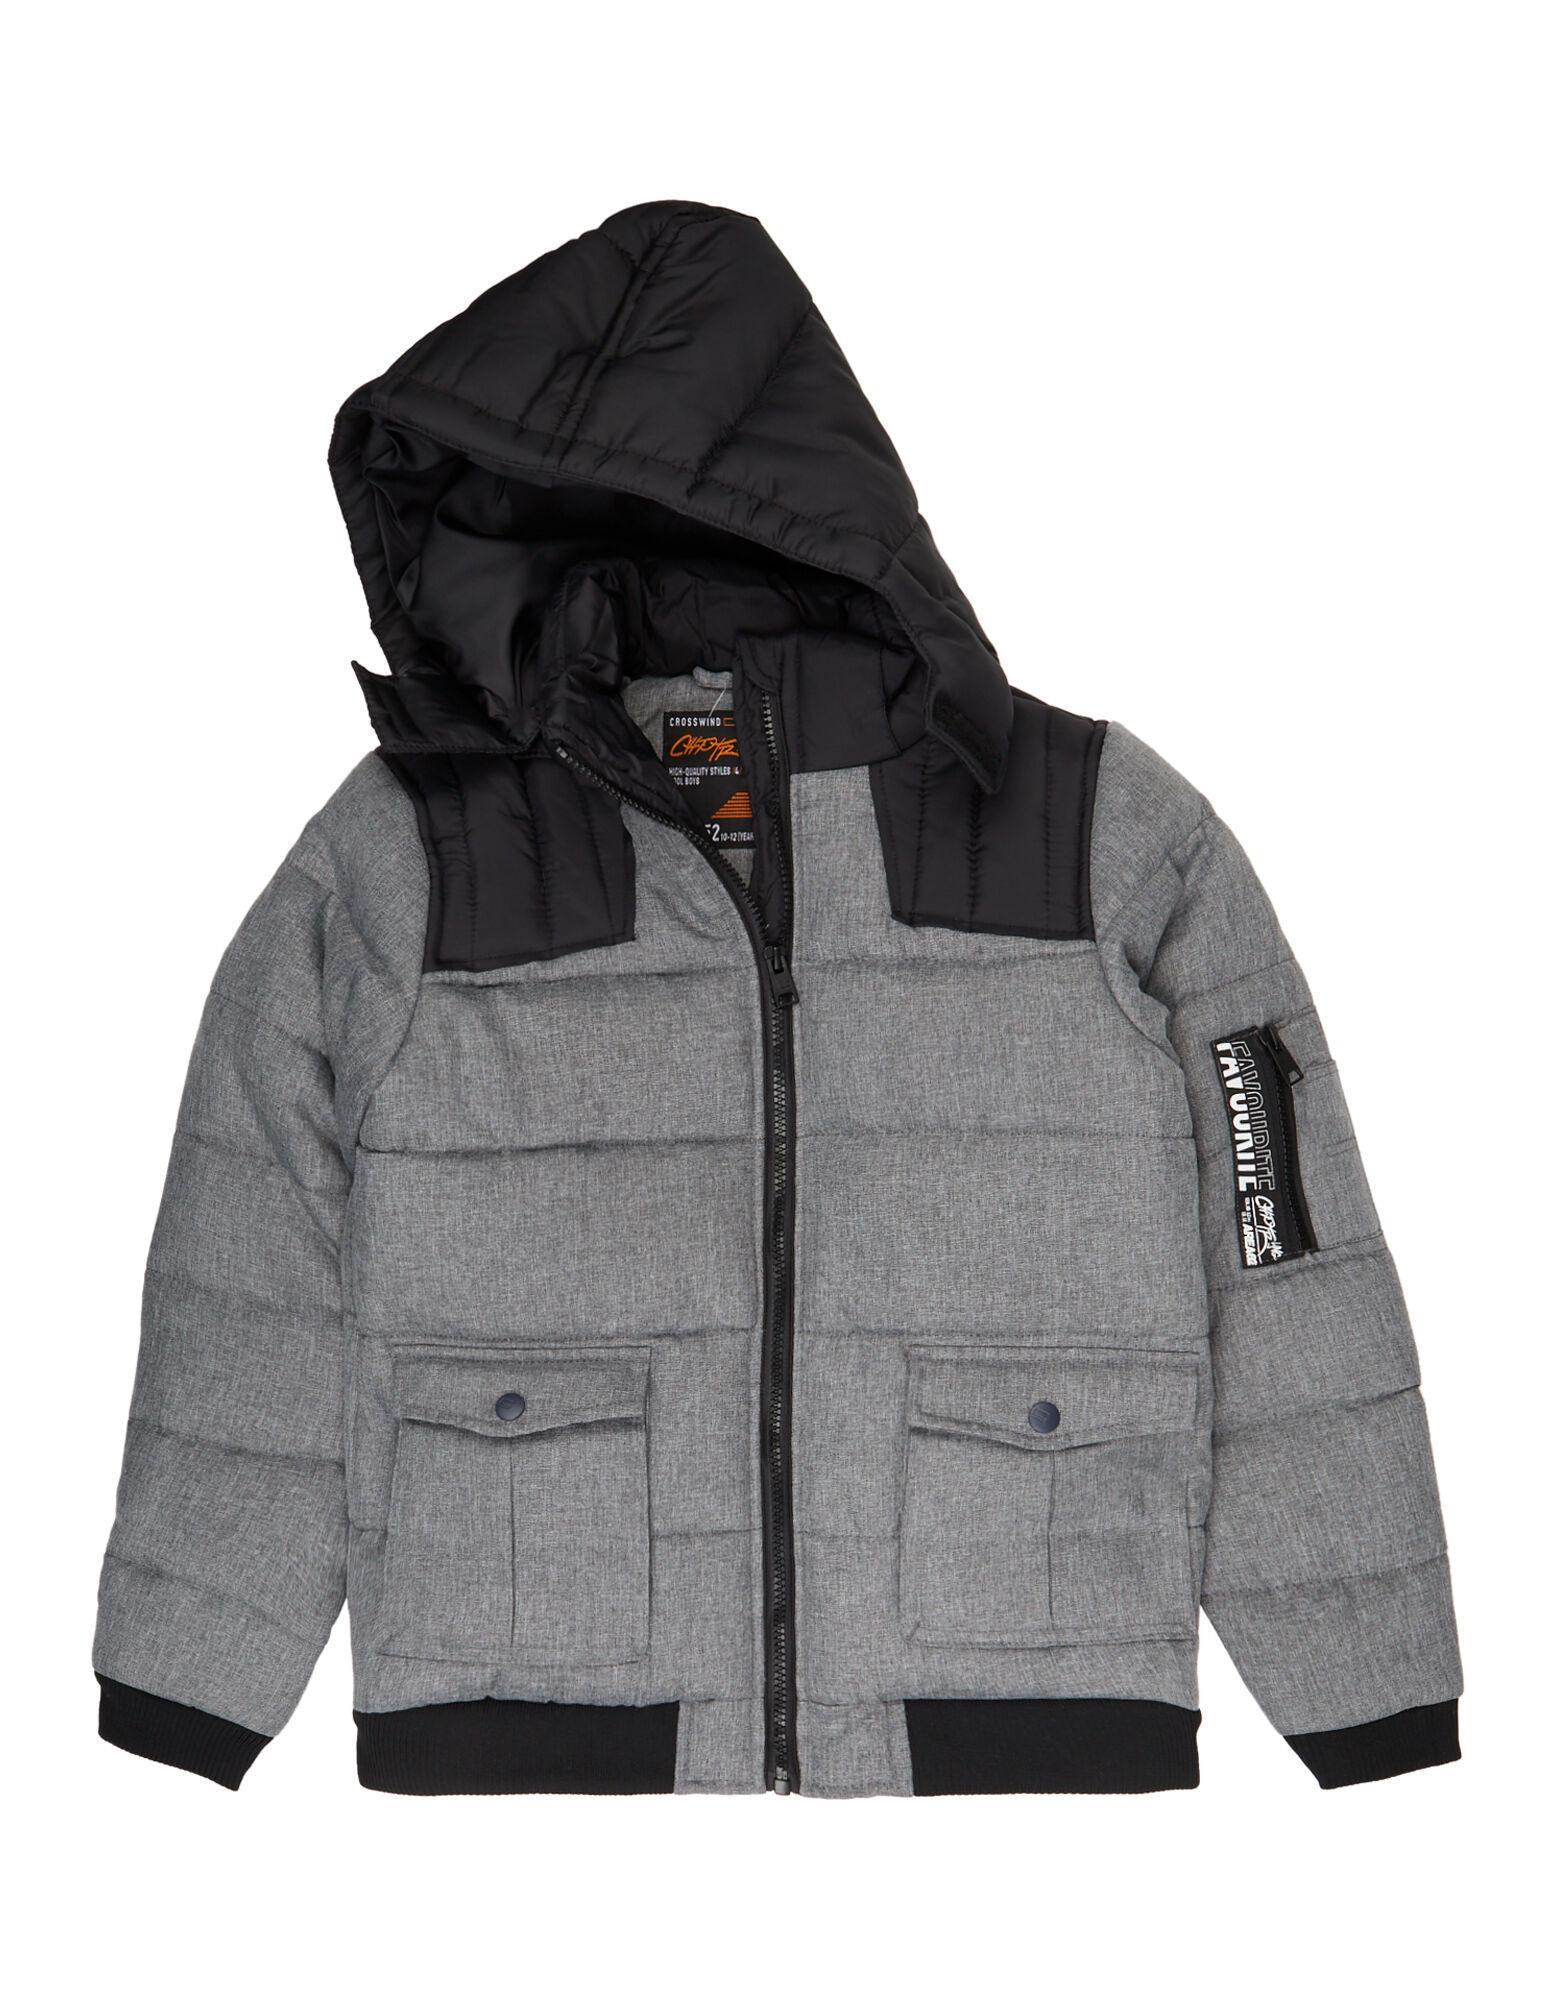 online zum Verkauf Entdecken Sie die neuesten Trends herausragende Eigenschaften Takko Fashion Kaufen✓ Für Jacken Jungen Online Günstig trQdxCsh